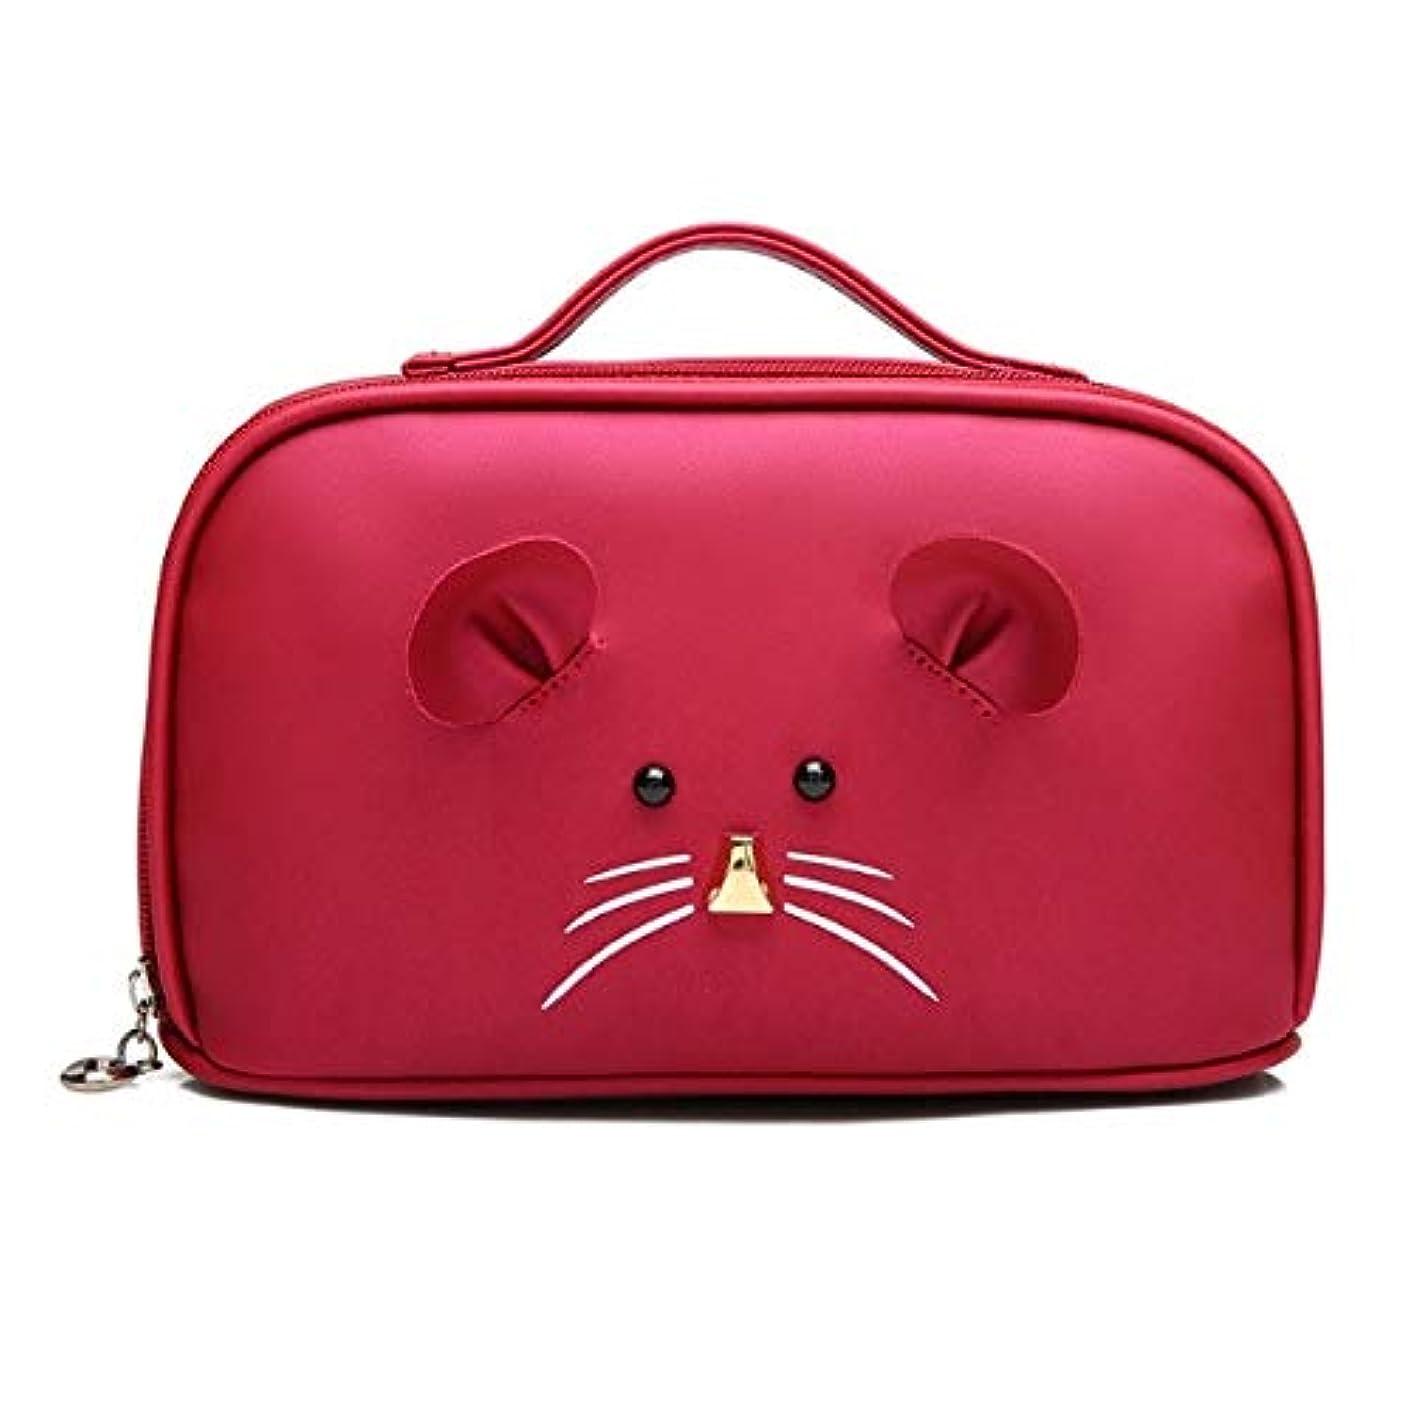 サミュエル愛情影化粧箱、大容量漫画マウス化粧品ケース、ポータブル旅行化粧品ケース、美容ネイルジュエリー収納ボックス (Color : Red)